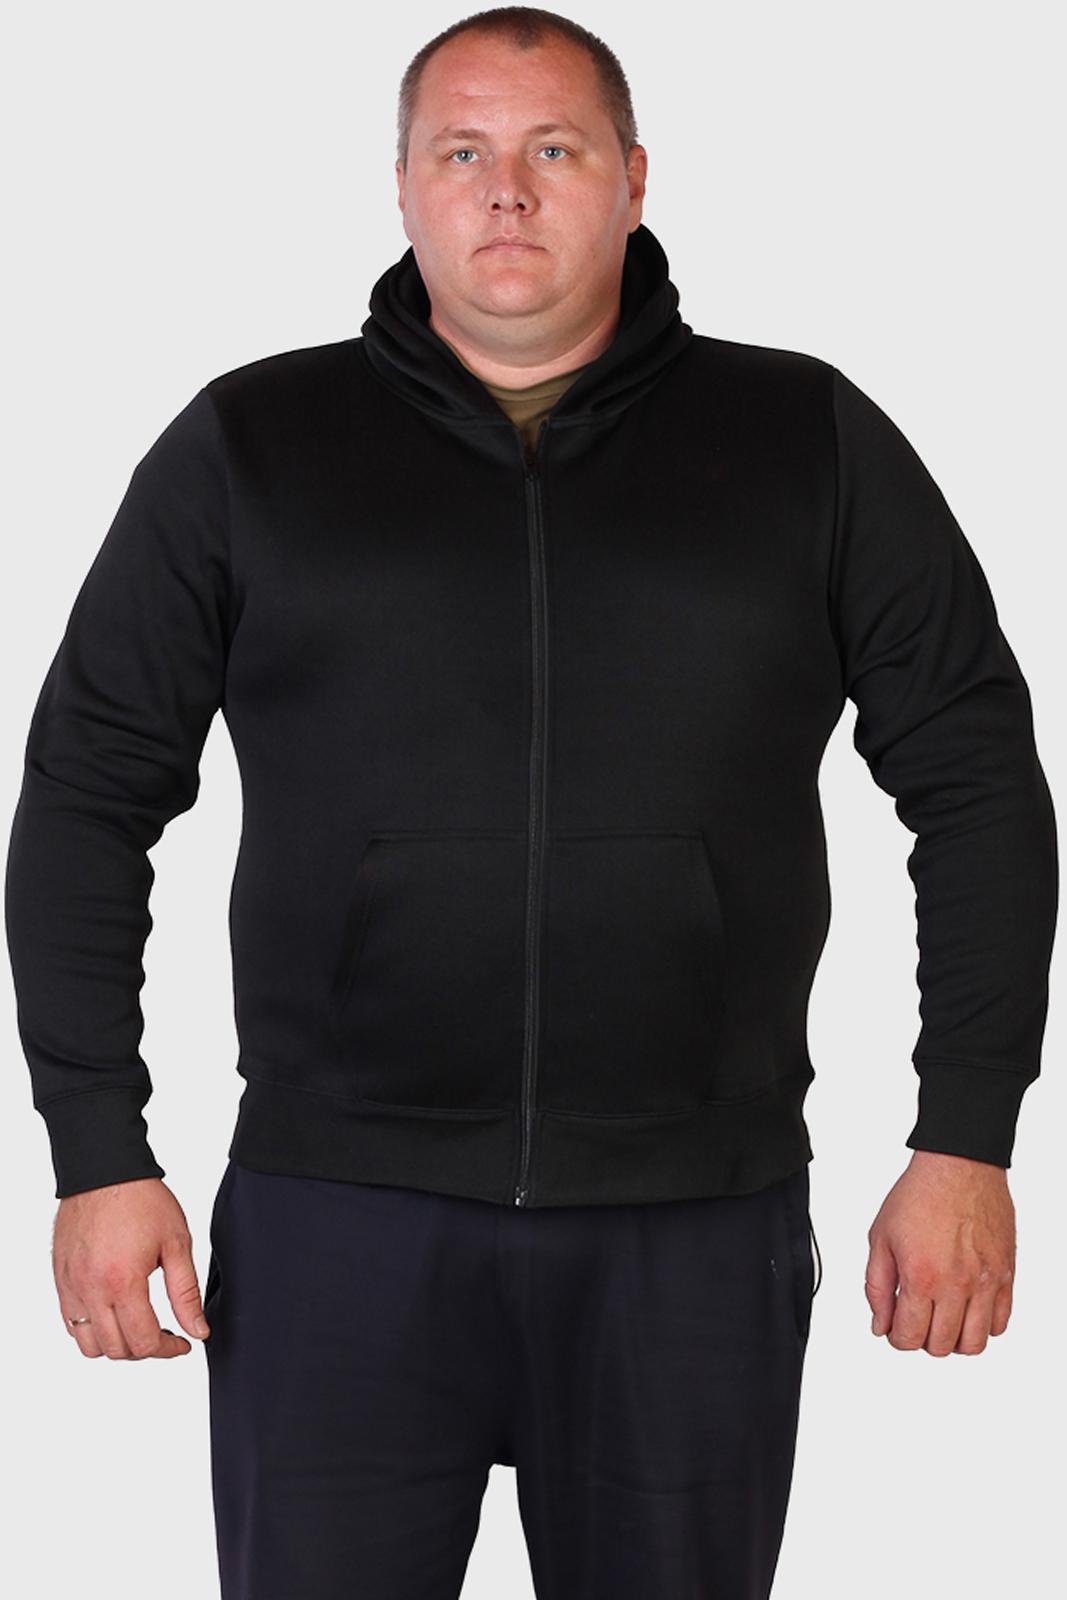 Черная толстовка мужская оптом и в розницу